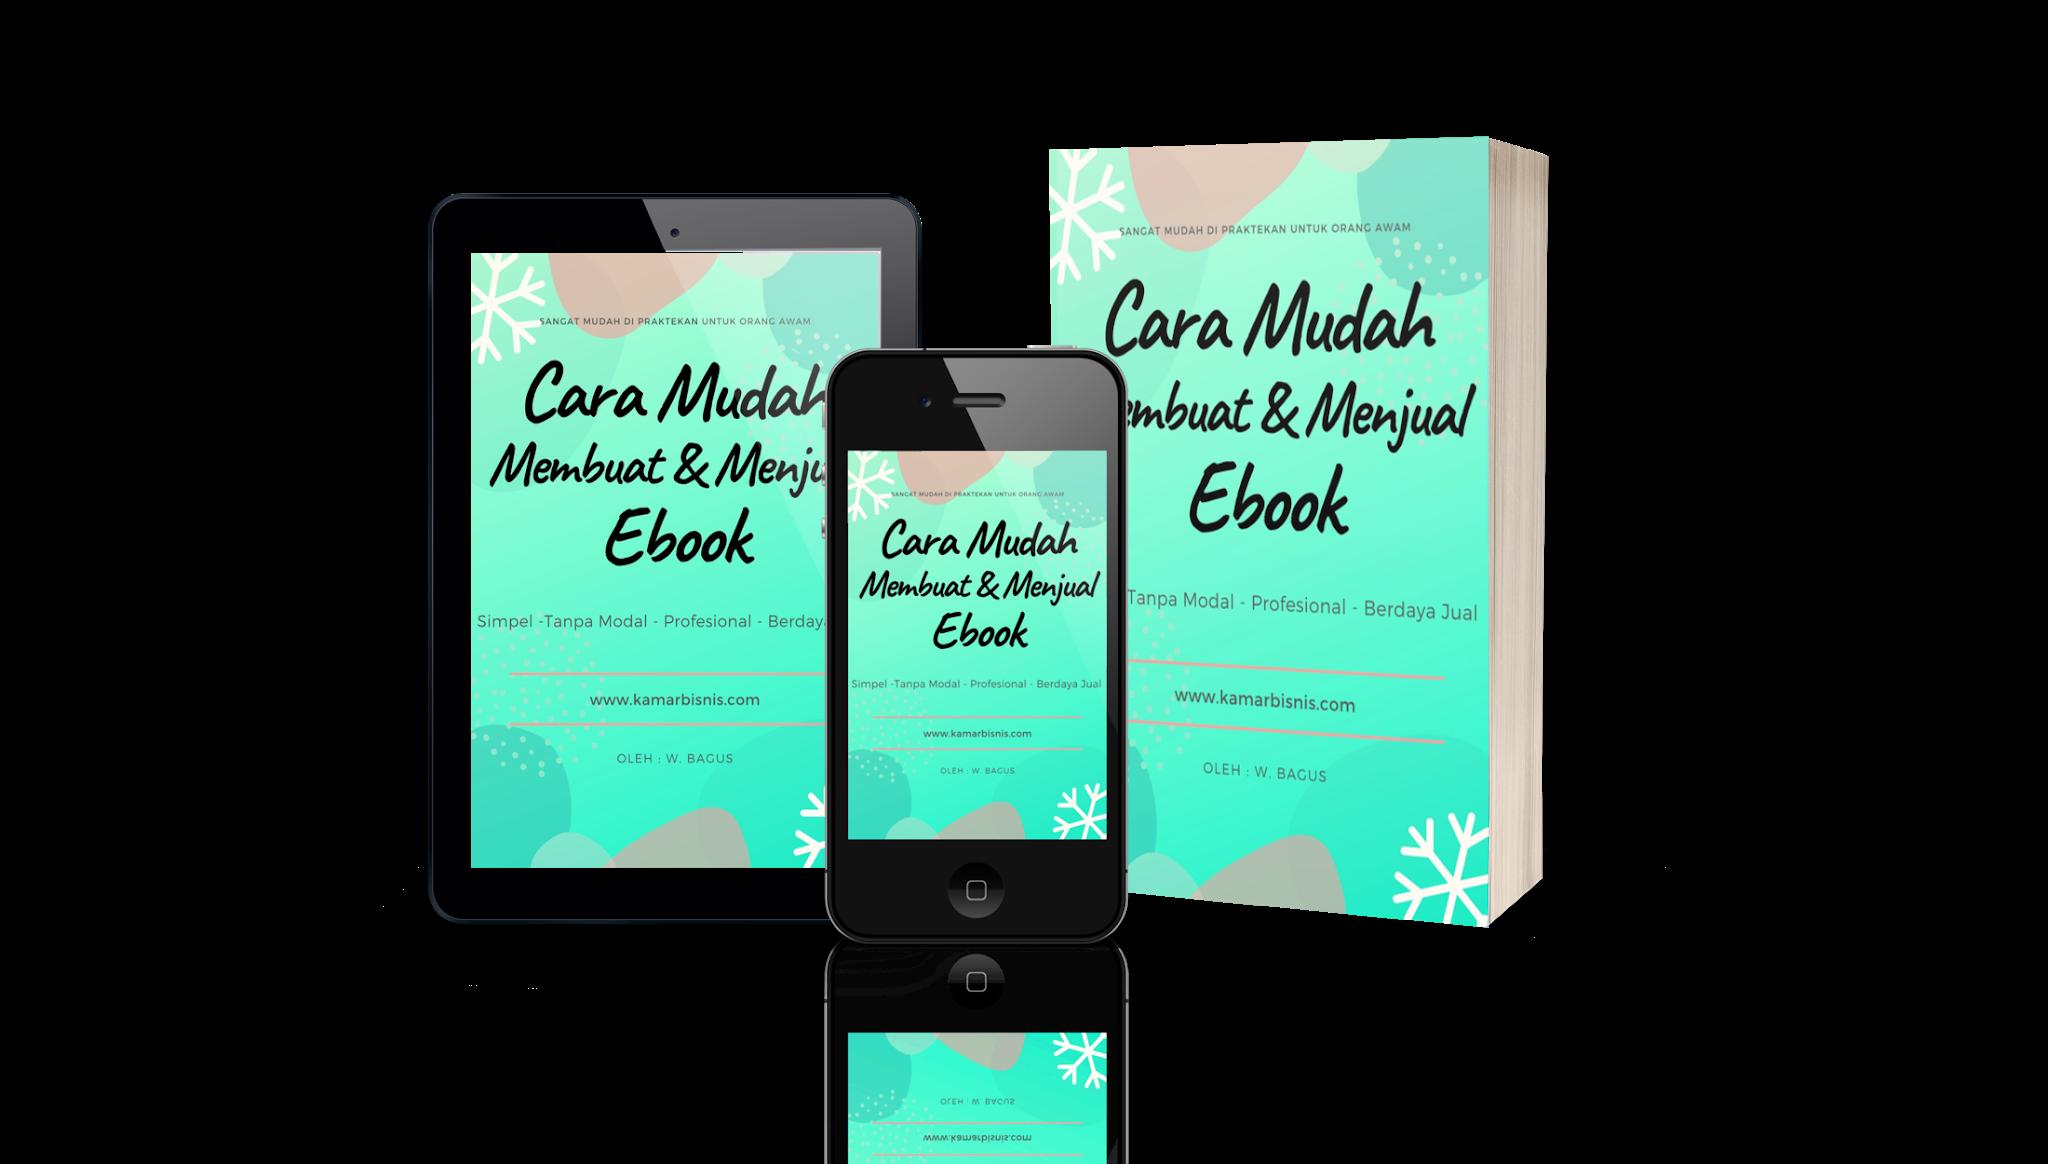 cara-mudah-membuat-dan-menjual-ebook